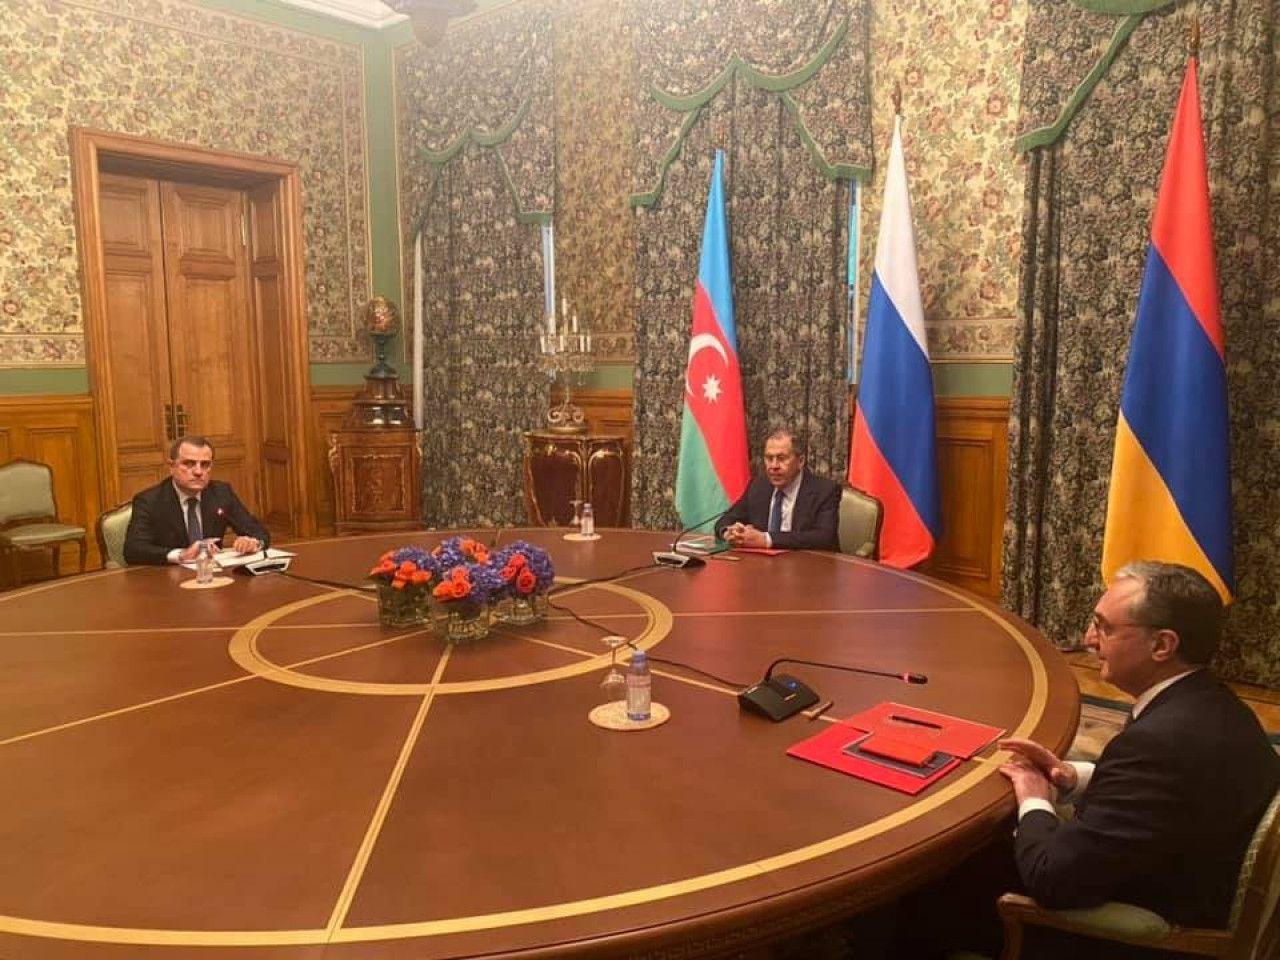 Son Dakika! Ermenistan ve Azerbaycan Toplantısı Rusya'da Başladı…